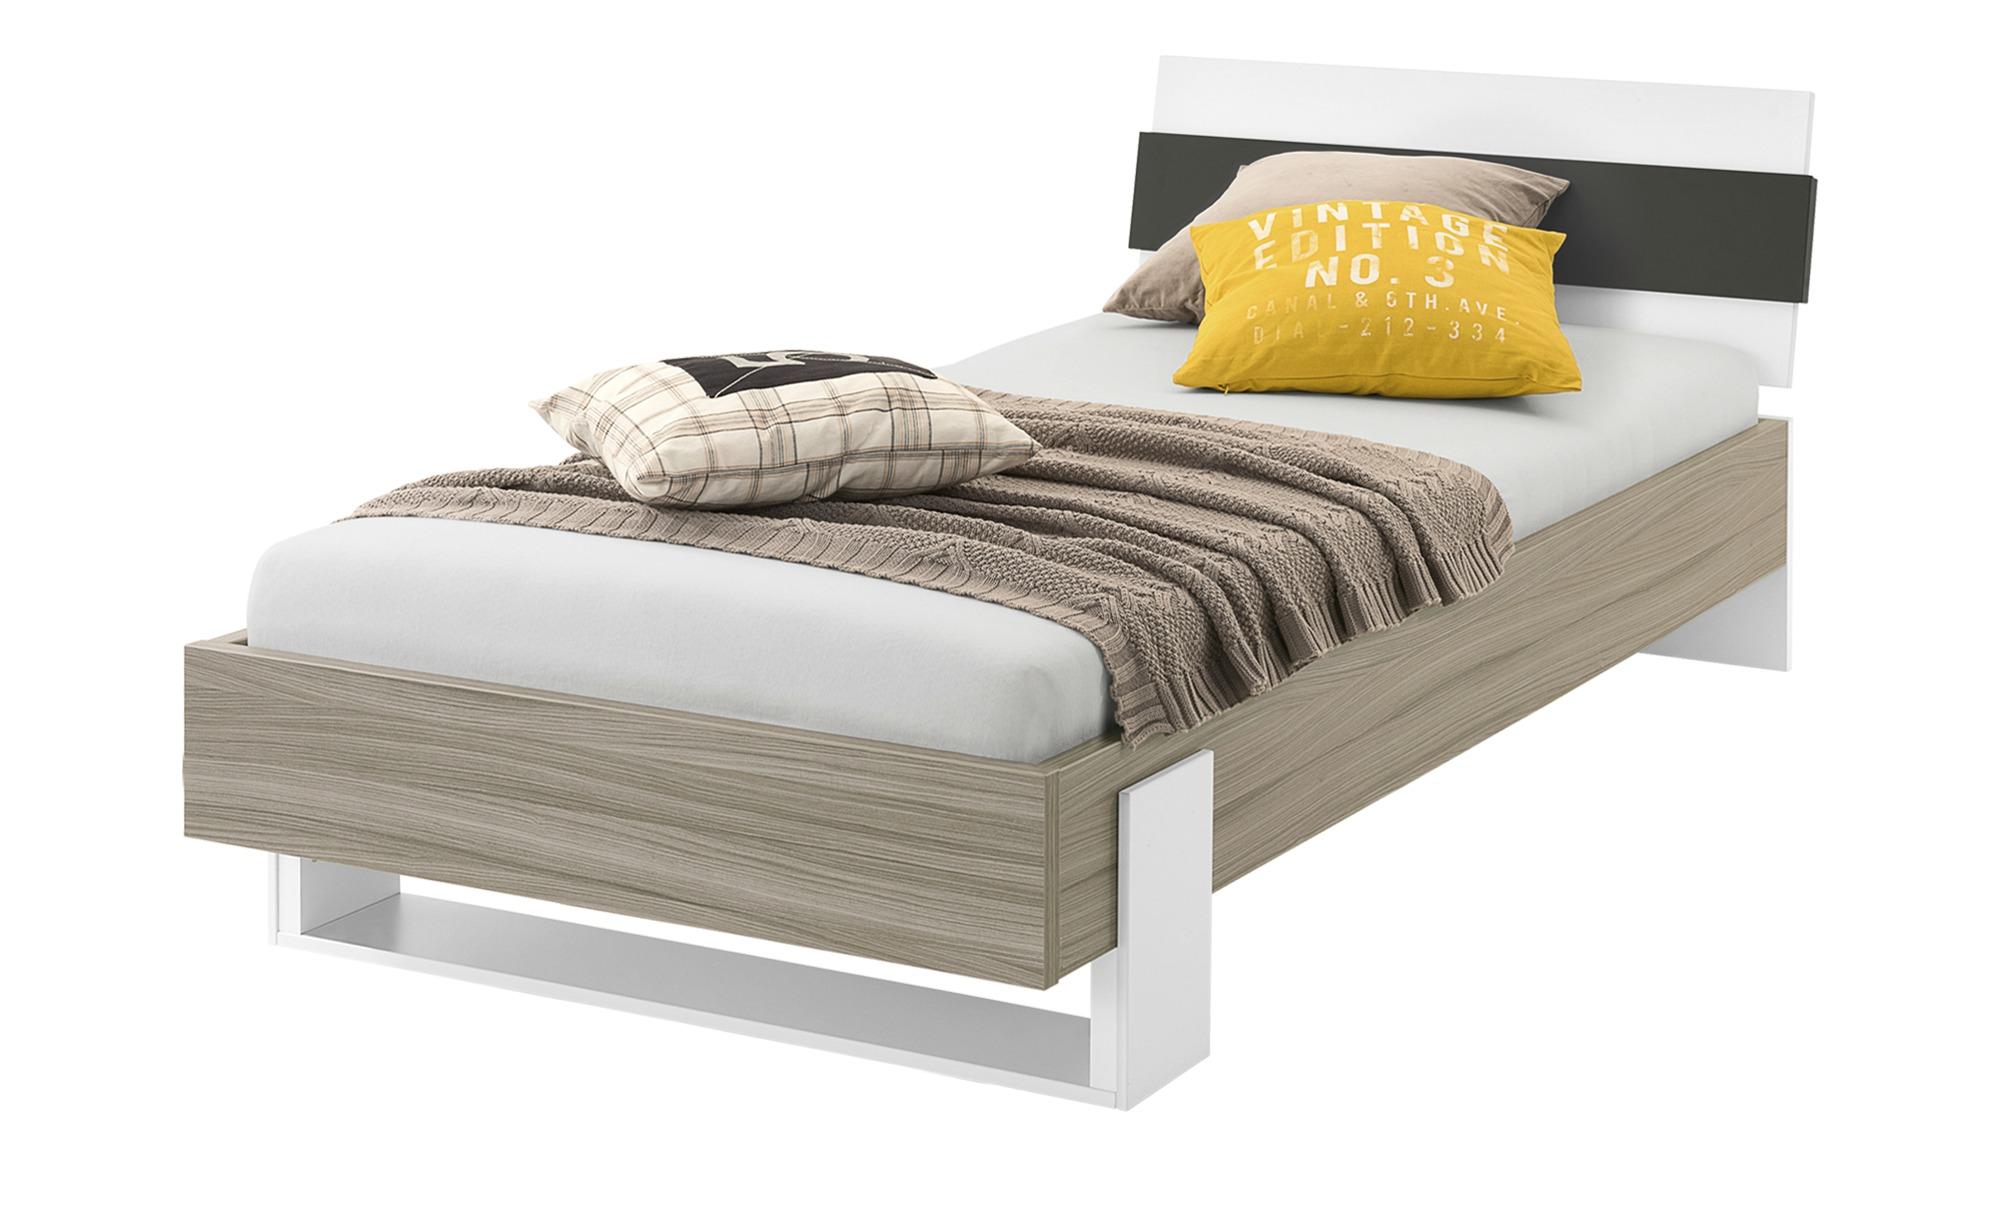 Kinderbett mit Schubladen Paw Patrol Jugendbett Juniorbett Holz rosa 140x70cm